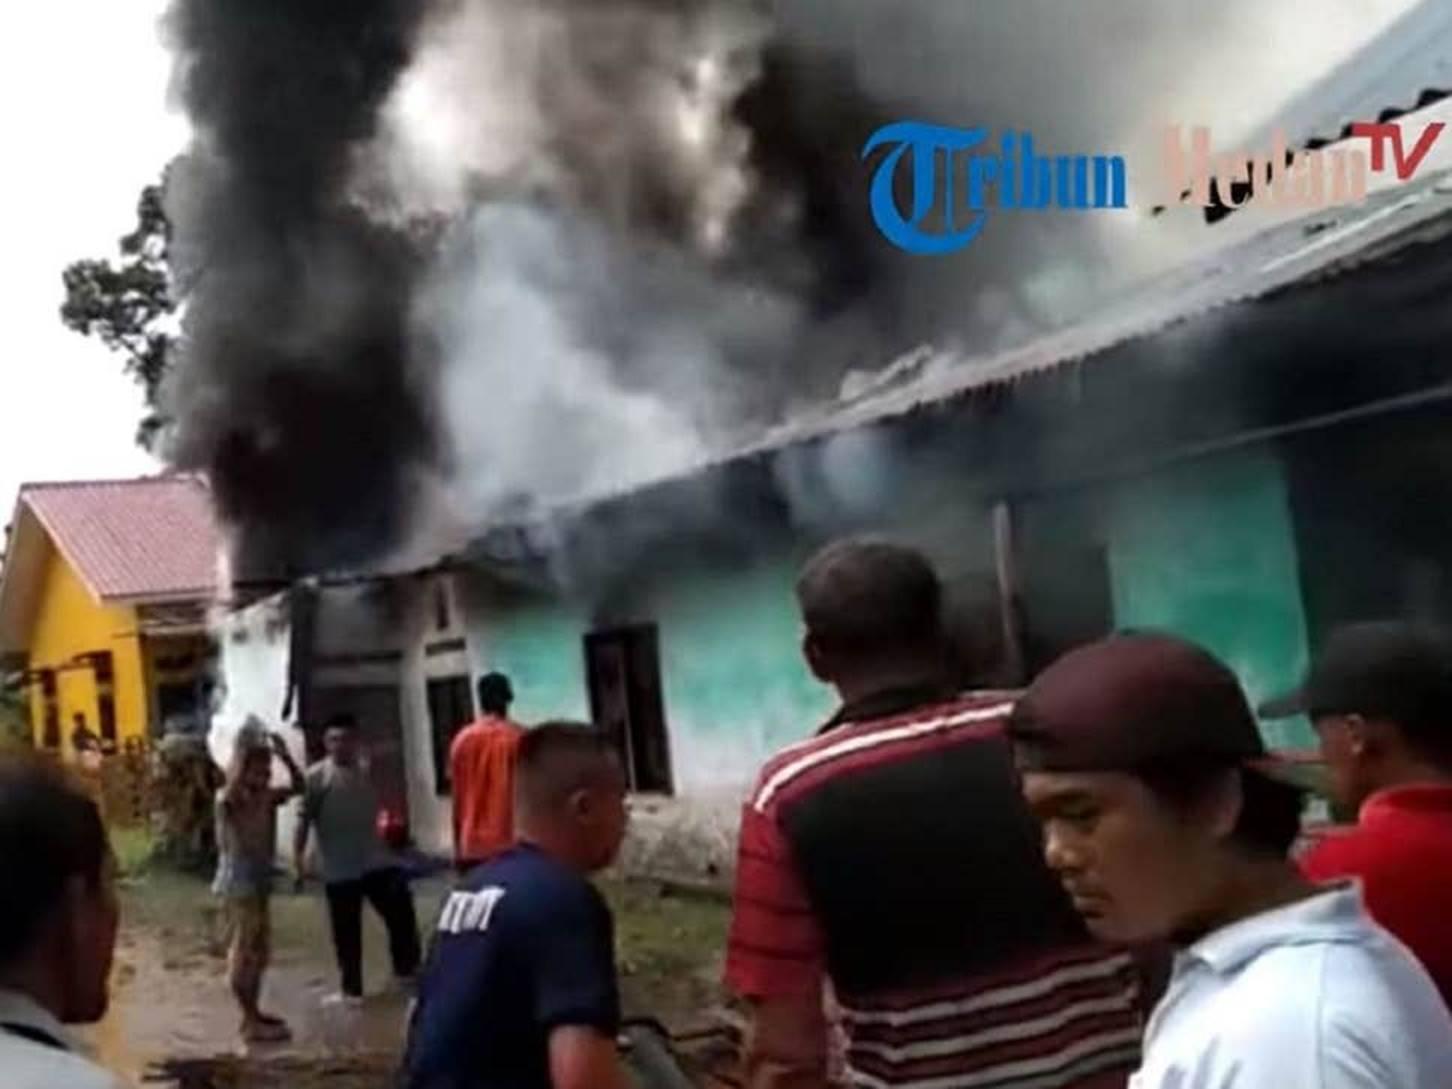 Nóng: Cháy xưởng sản xuất diêm ở Indonesia khiến ít nhất 30 người thiệt mạng, trong đó có 3 trẻ em, hiện trường hỏa hoạn gây ám ảnh-3